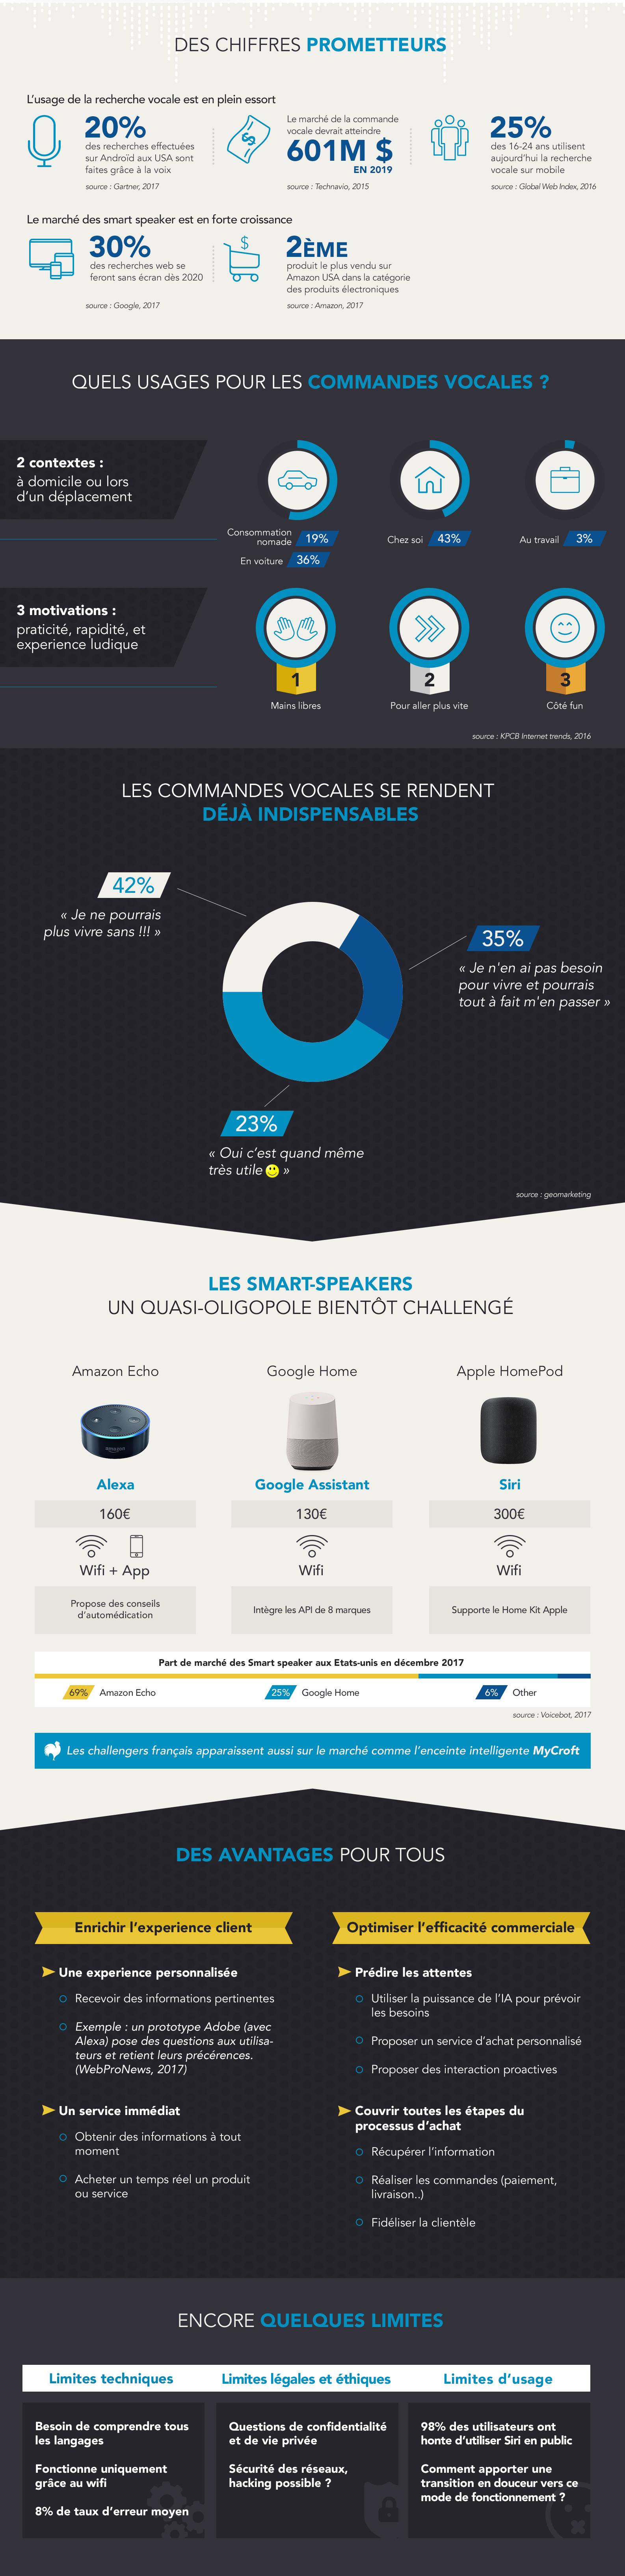 Infographie sur le voice commerce aujourd'hui: les prémices d'un nouveau marché